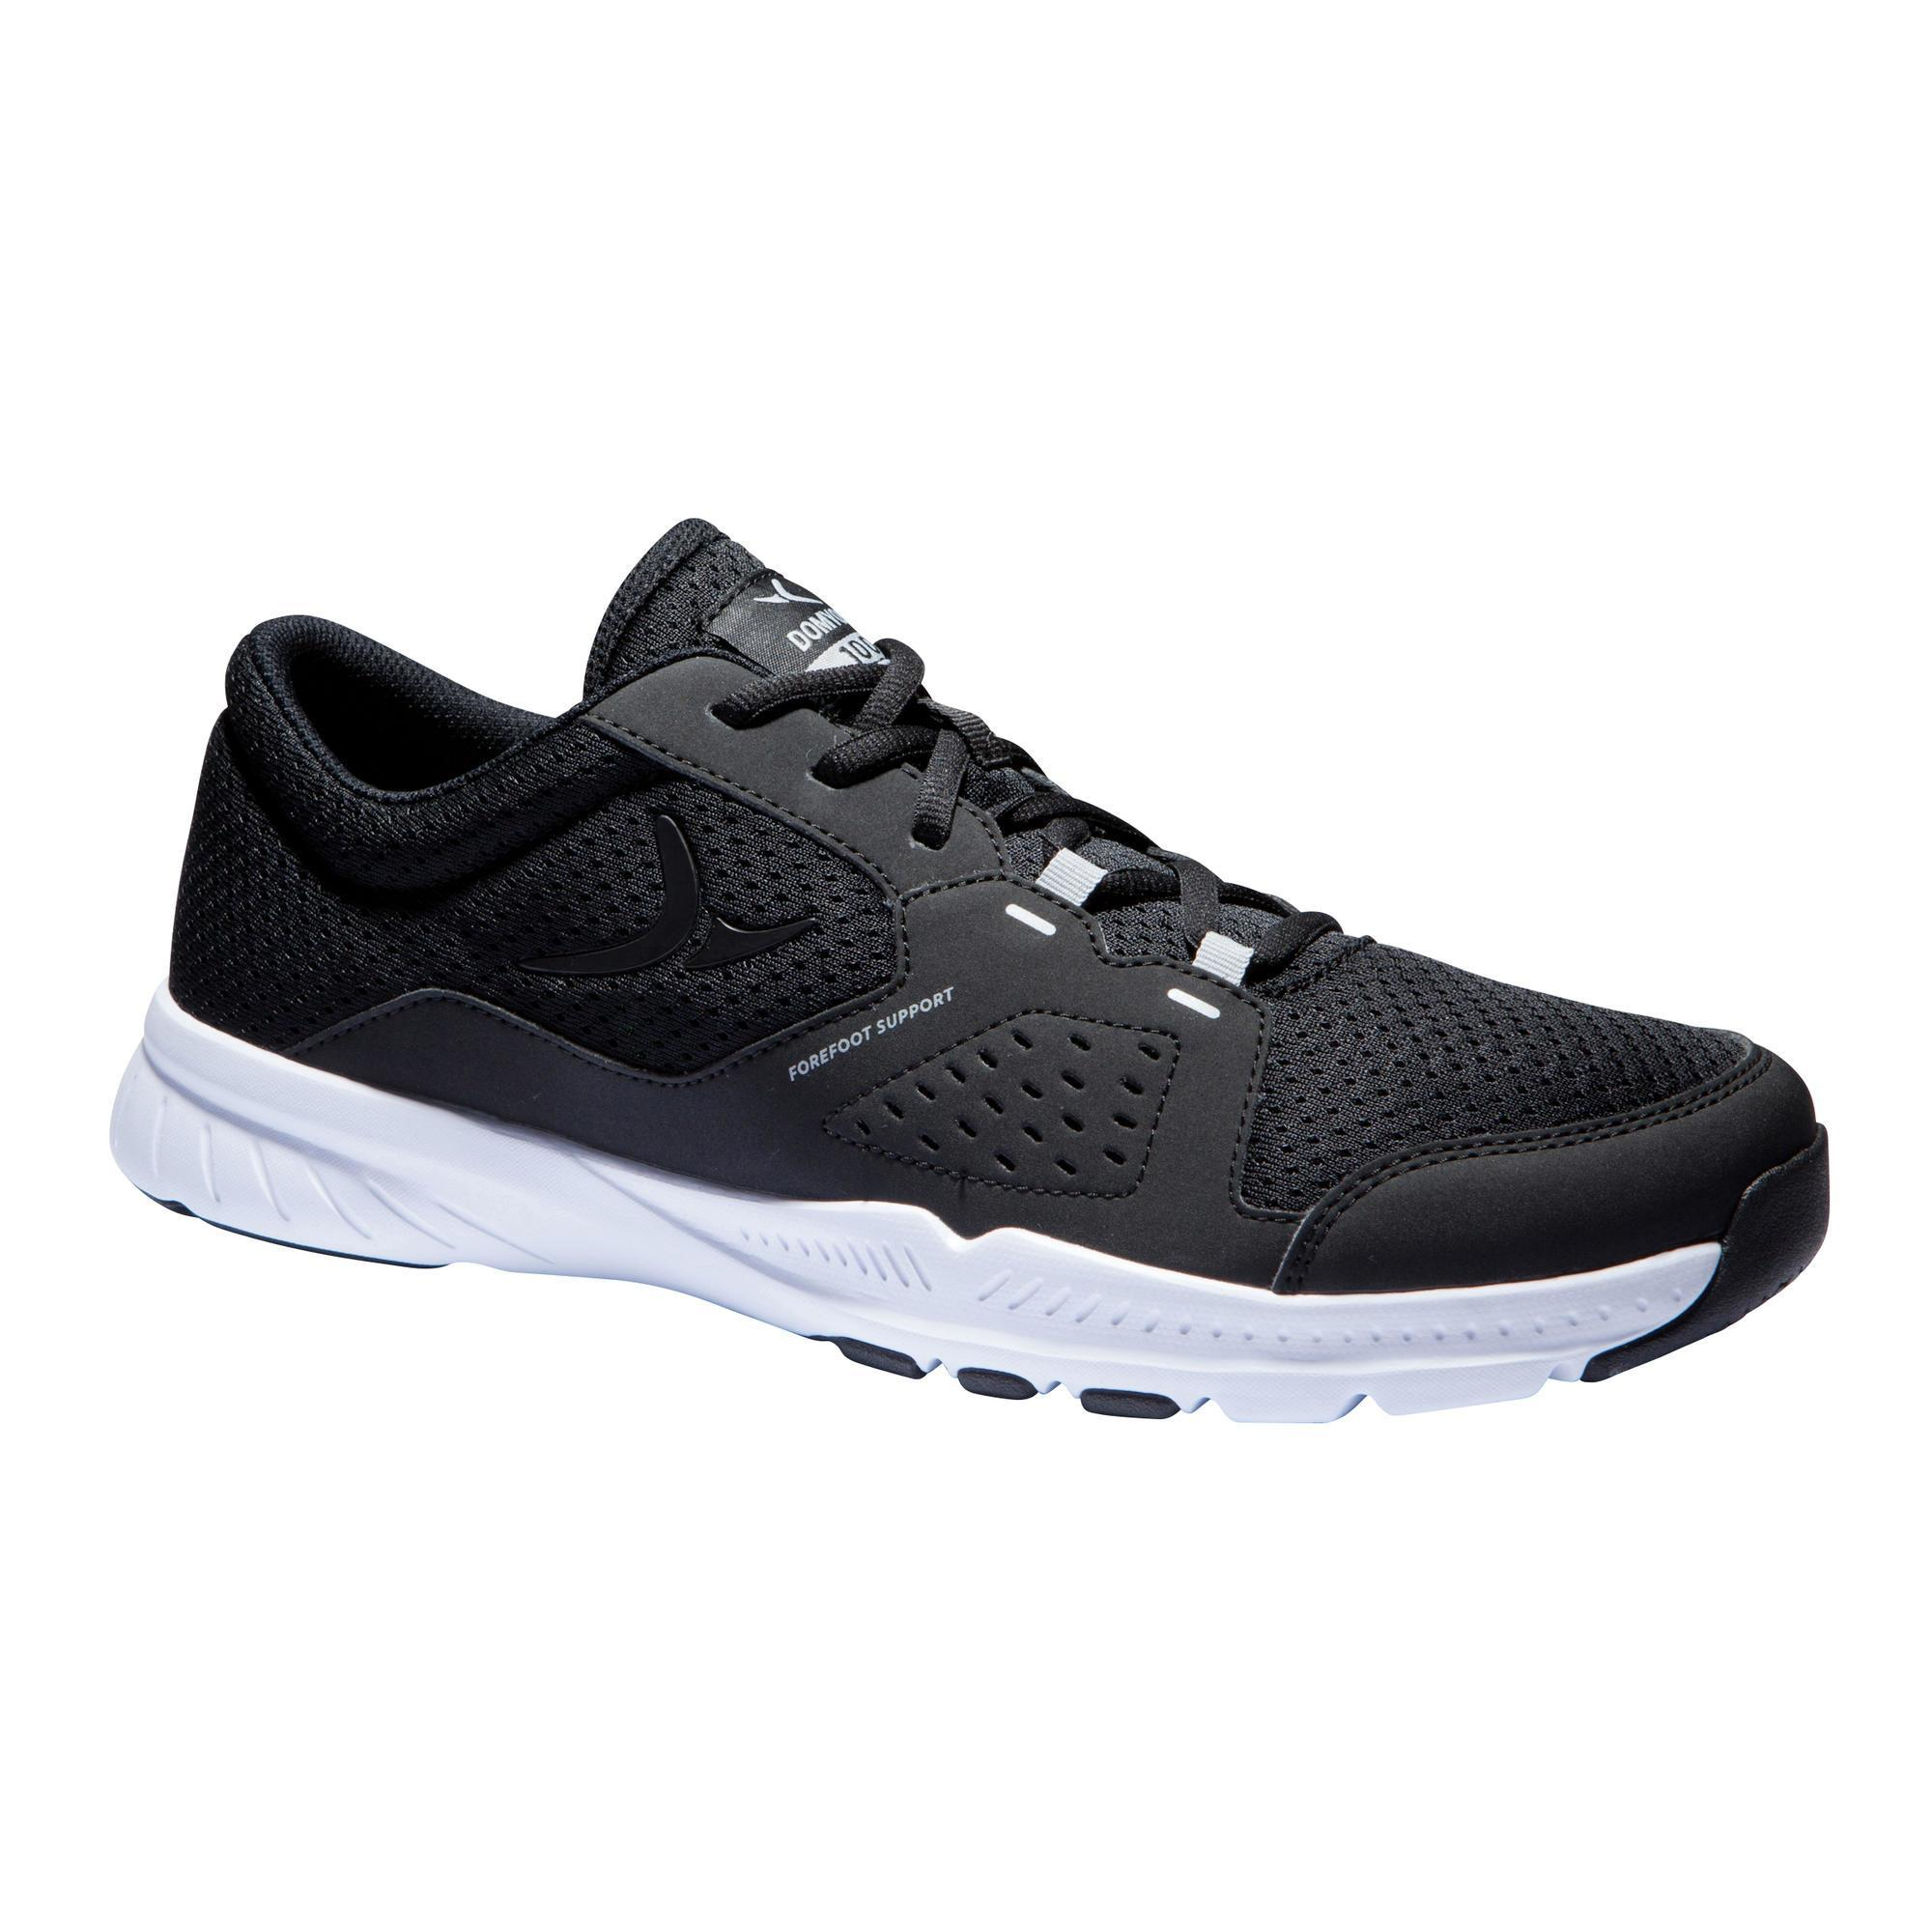 Fitnessschuhe / Sportschuhe Cardio 100 Herren | Schuhe > Sportschuhe > Fitnessschuhe | Domyos